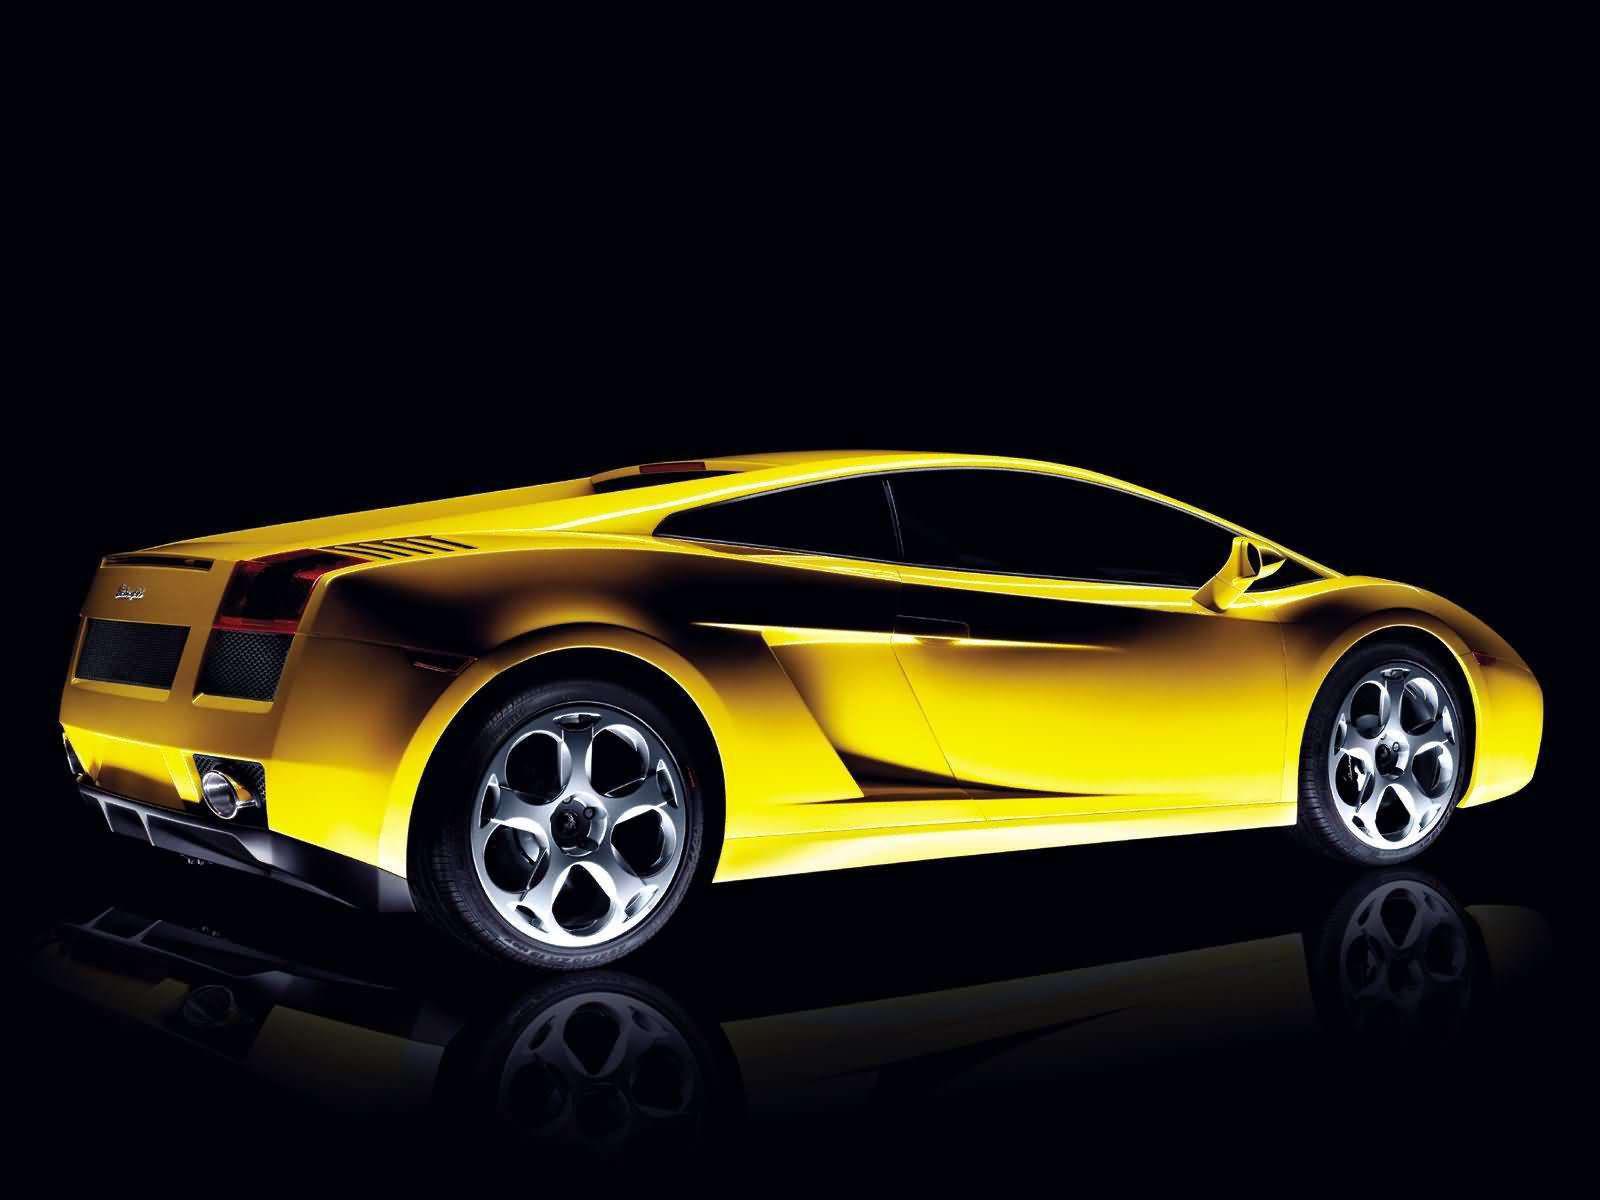 Lamborghini-Gallardo_2003_3d.jpg